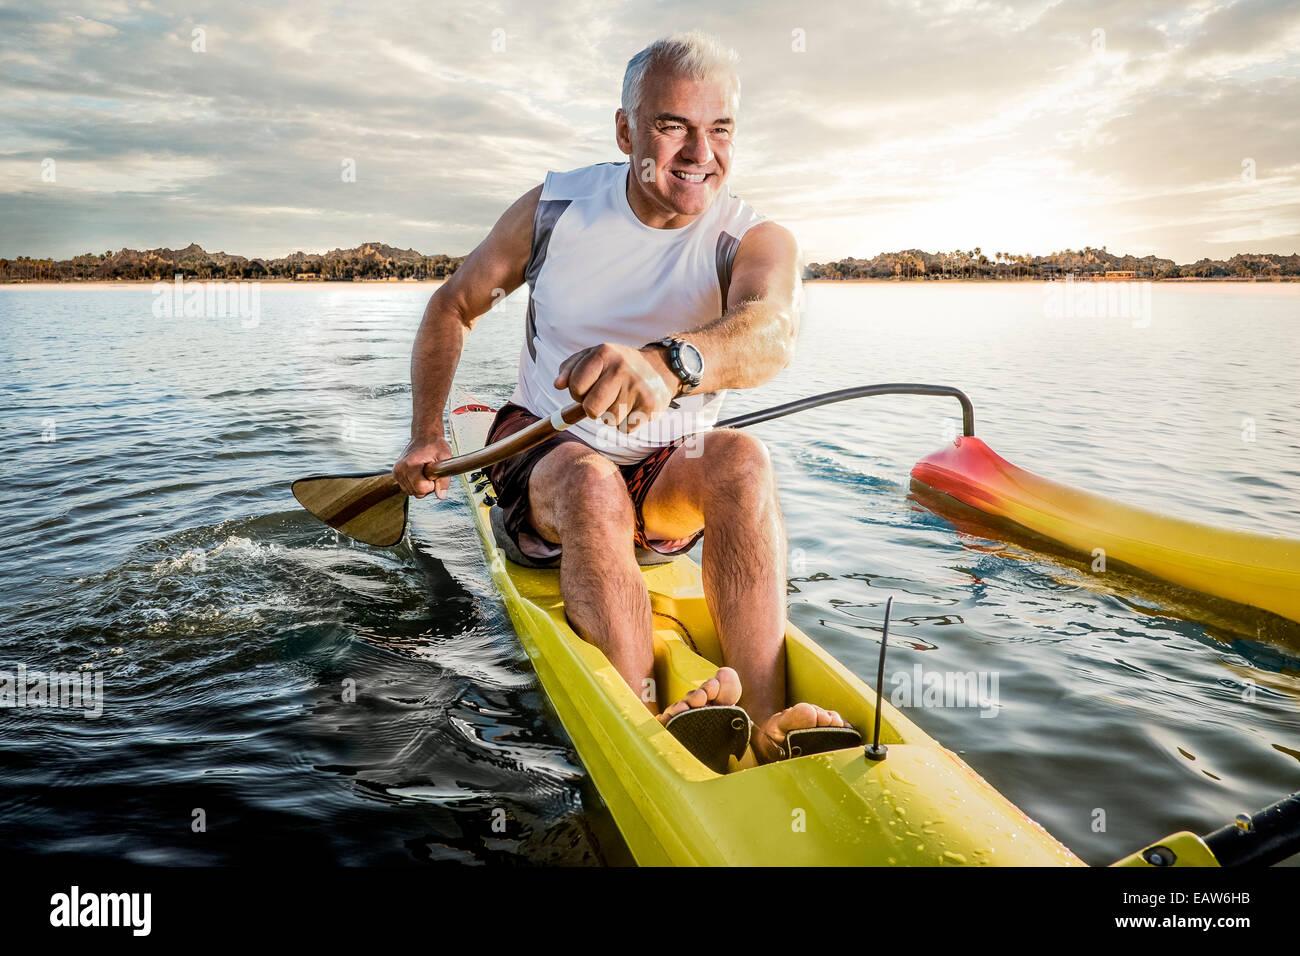 Hombre Senior canoa Outrigger remando en el océano al amanecer con isla tropical detrás de él. Imagen De Stock